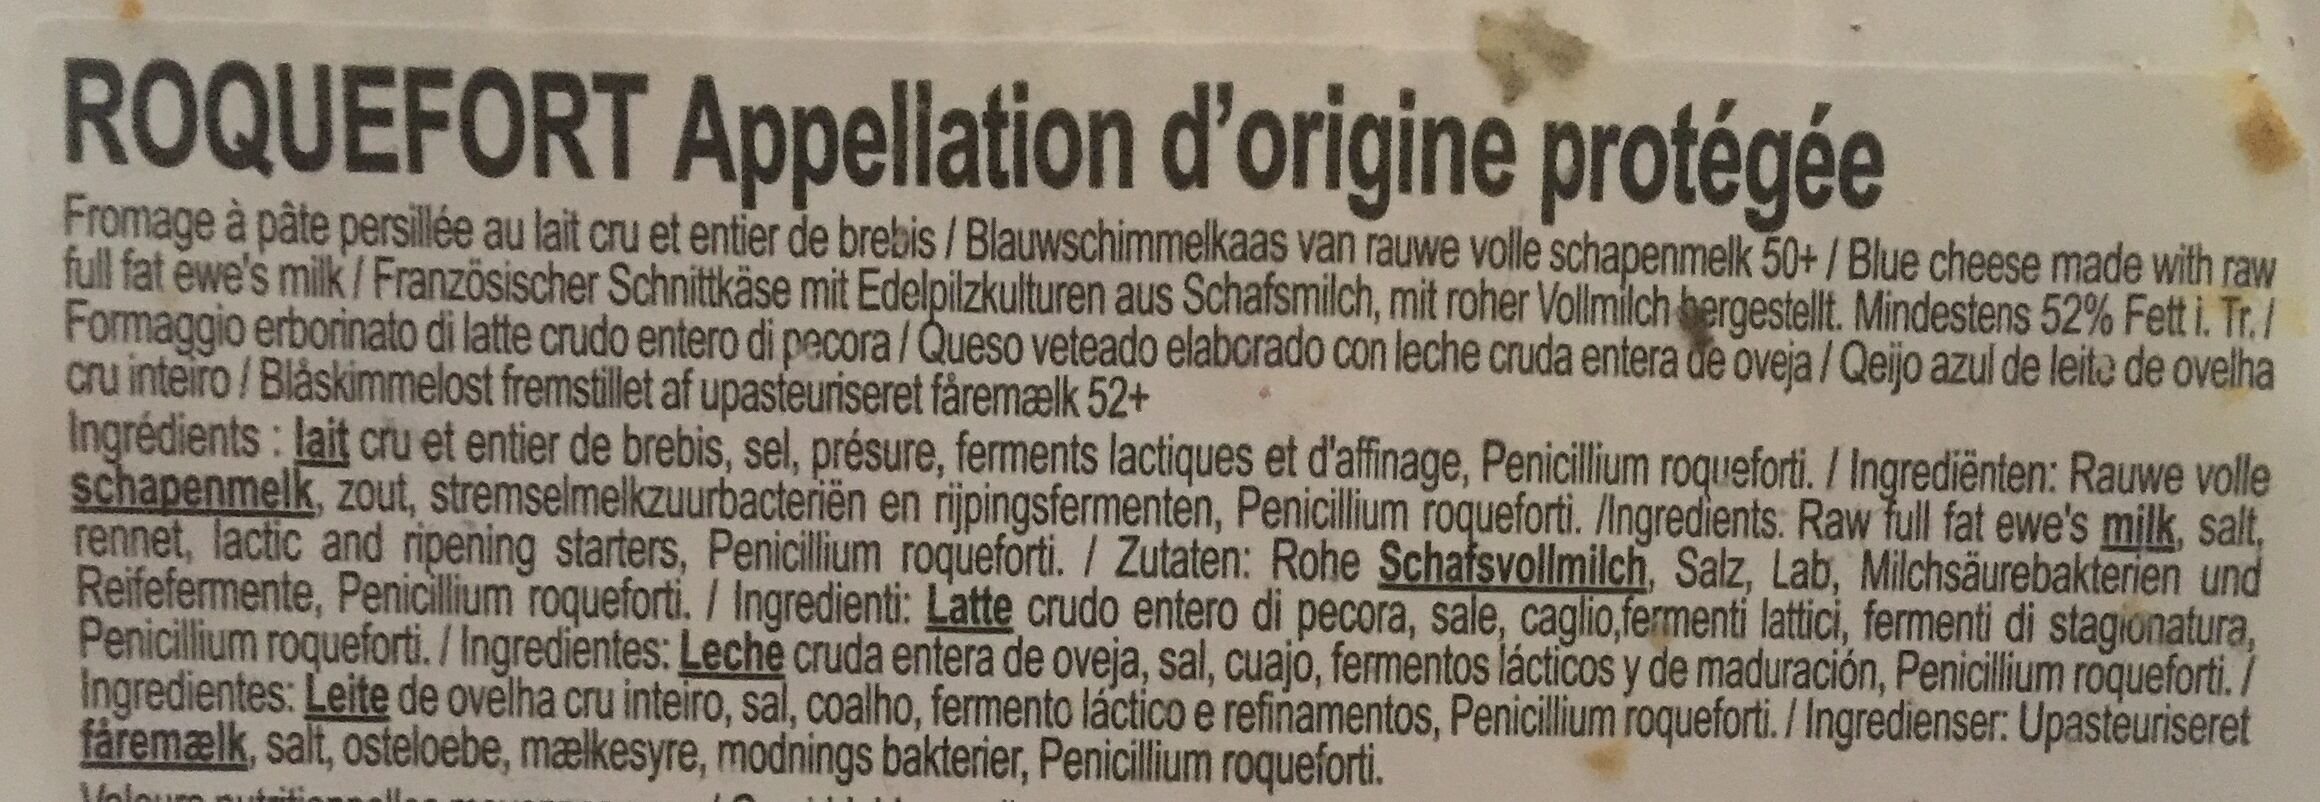 Roquefort Papillon Rouge - Ingrédients